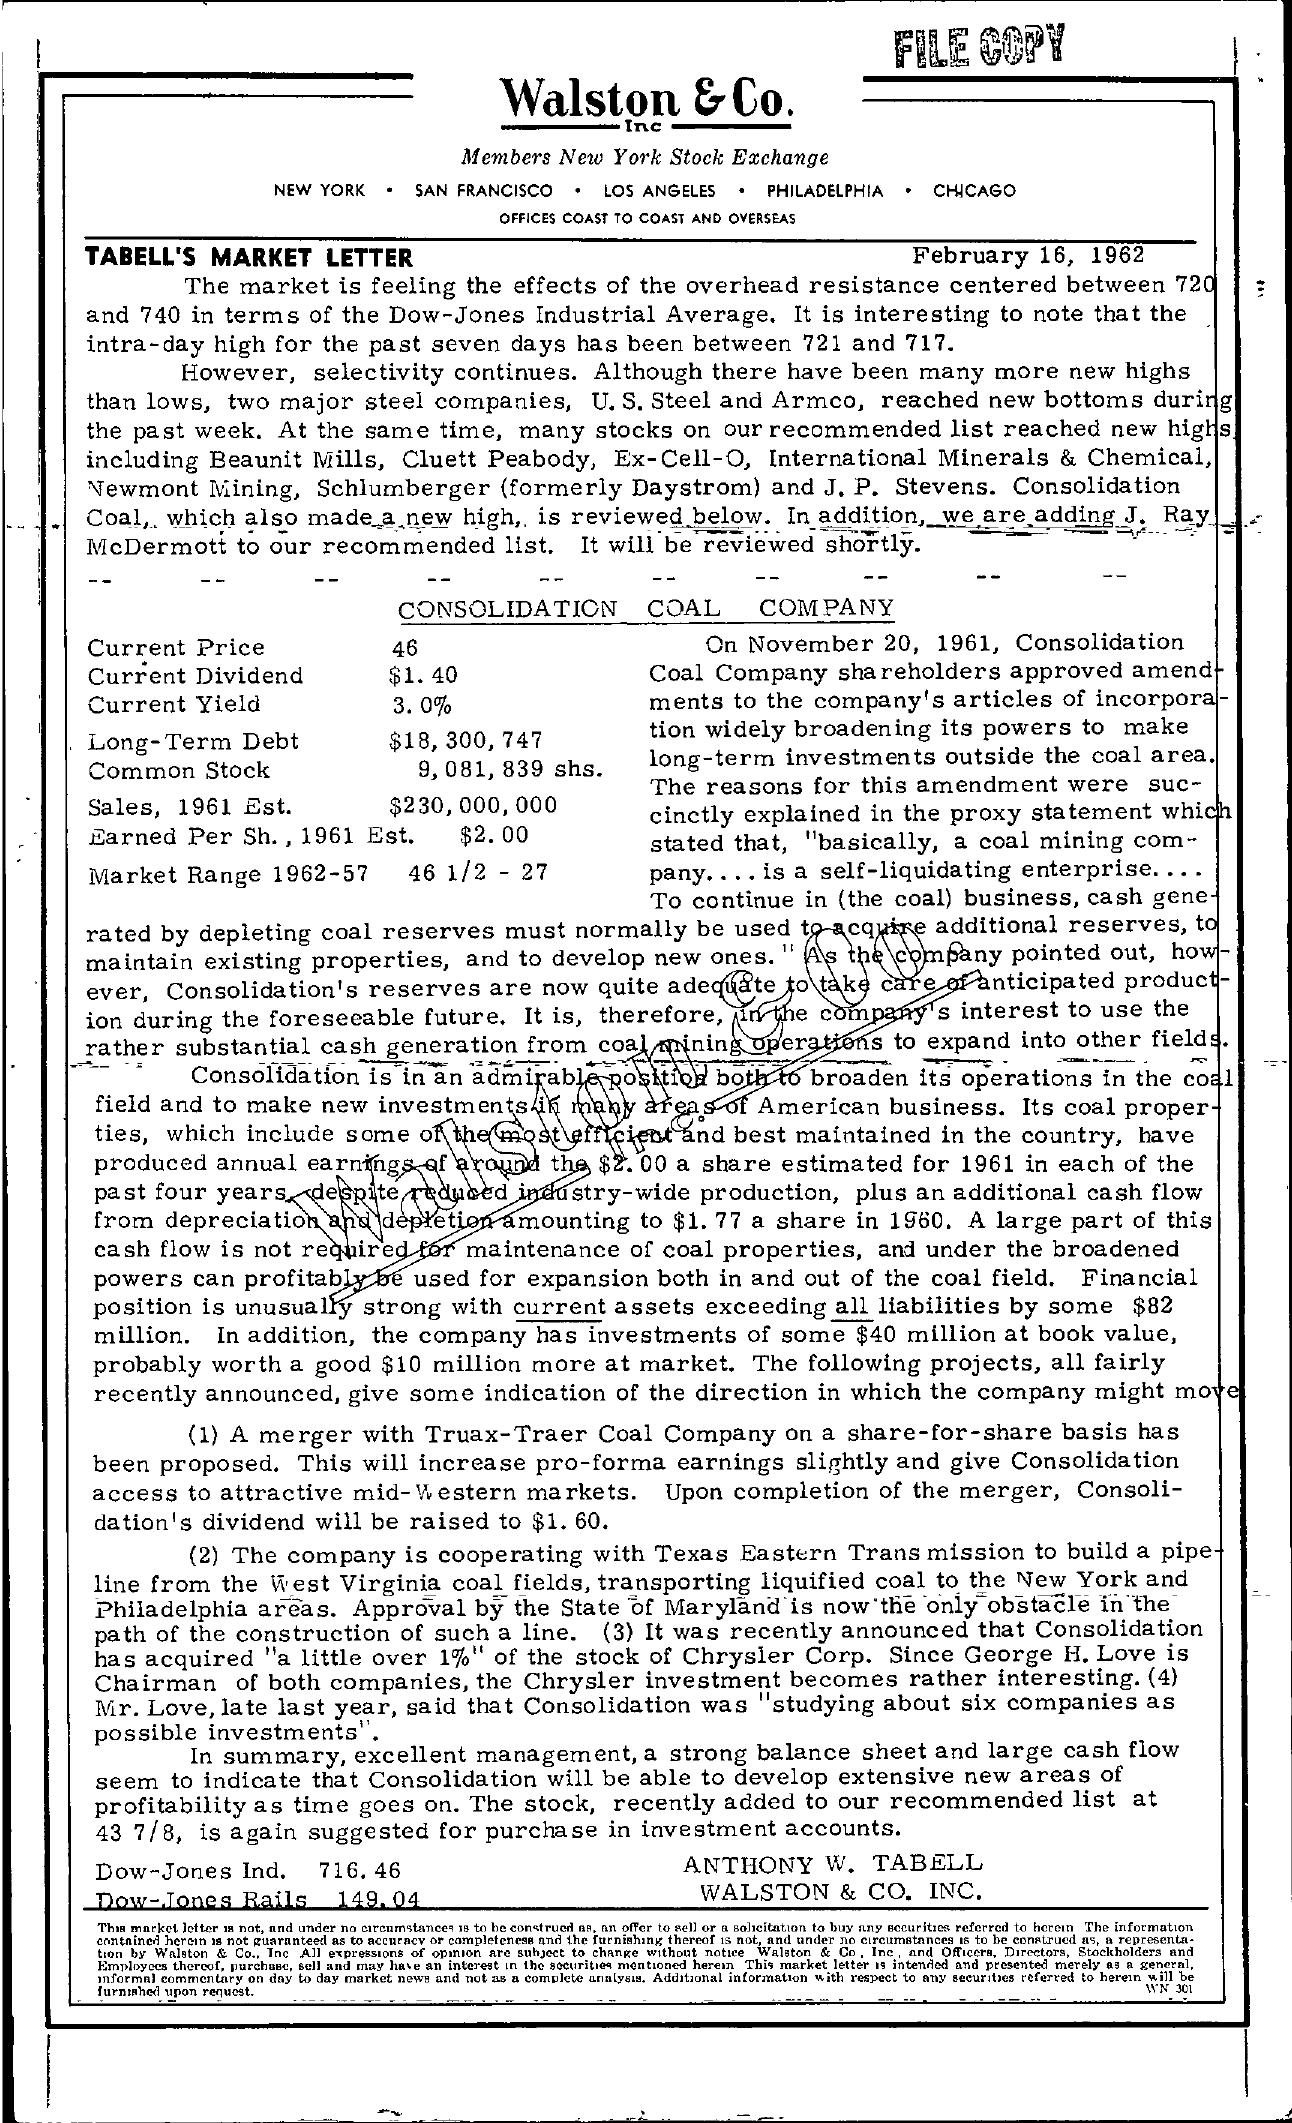 Tabell's Market Letter - February 16, 1962